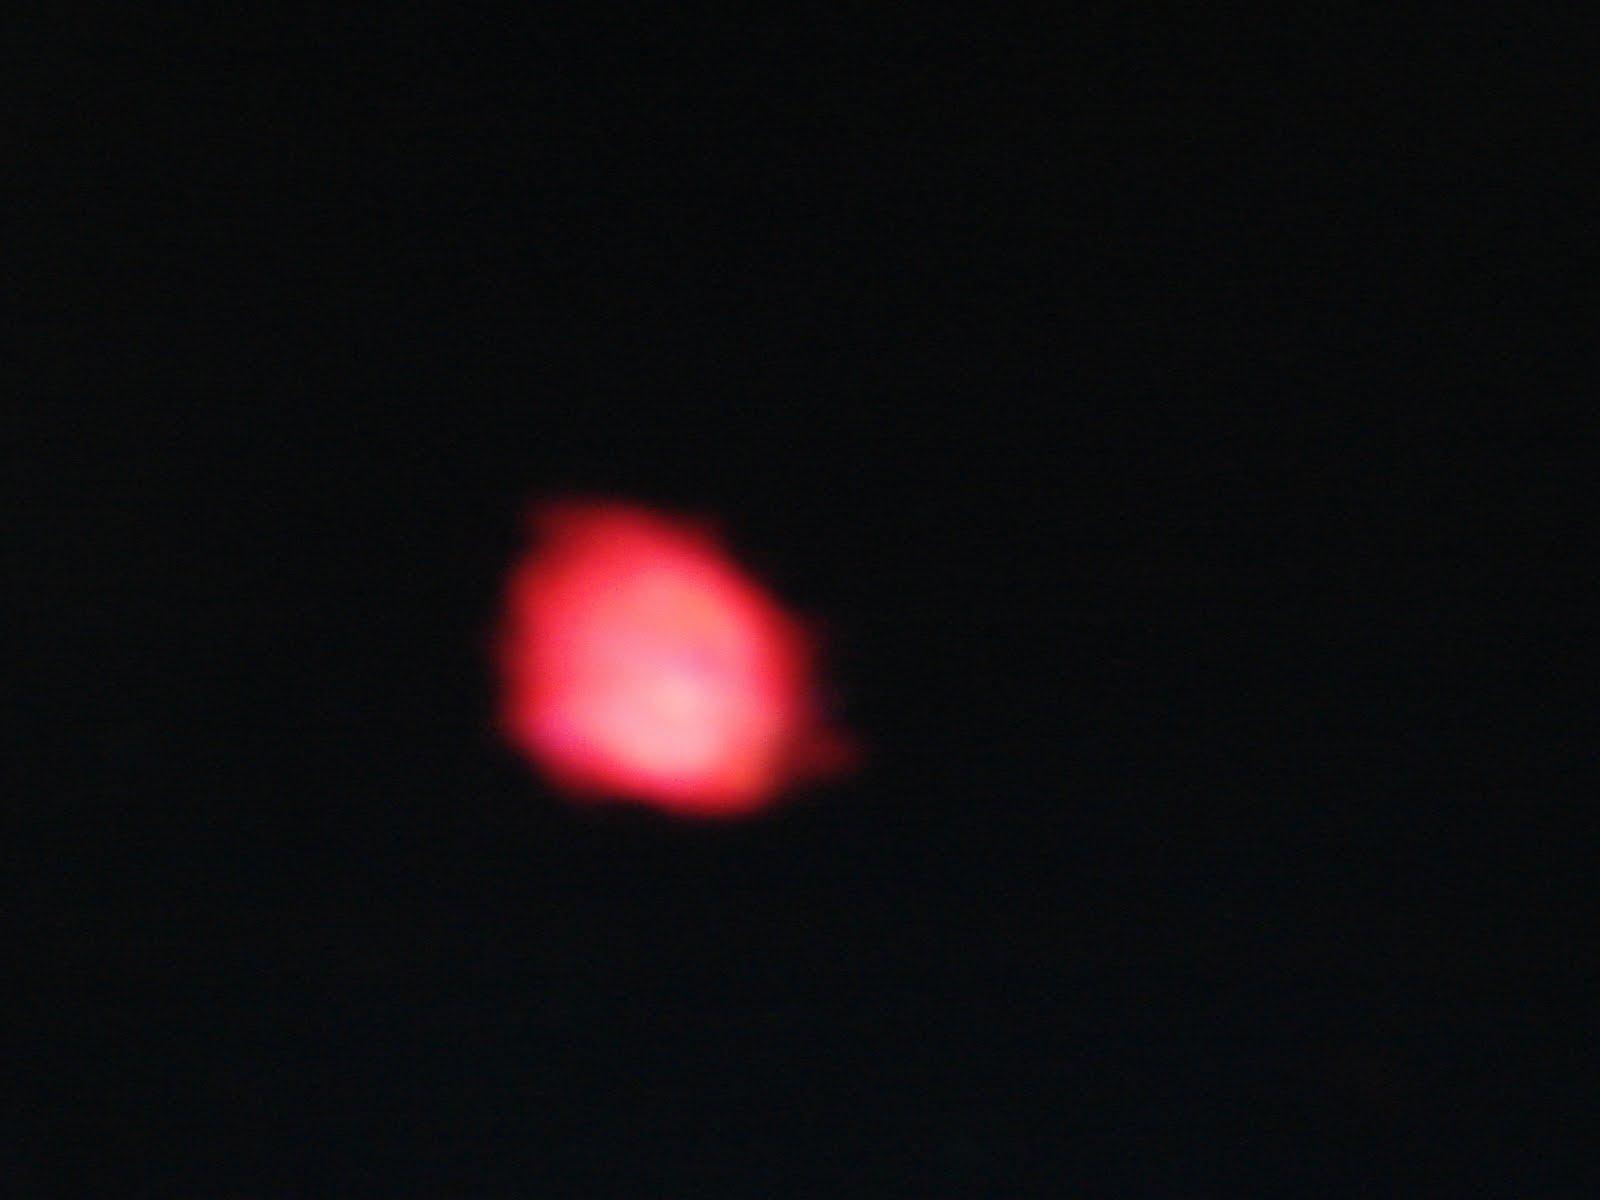 ATENCION-11-1-2-13-14-15-diciembre-2012- NIBIRU-PLANETA x- en- Cielo- color rojo  alertas.Meteorito